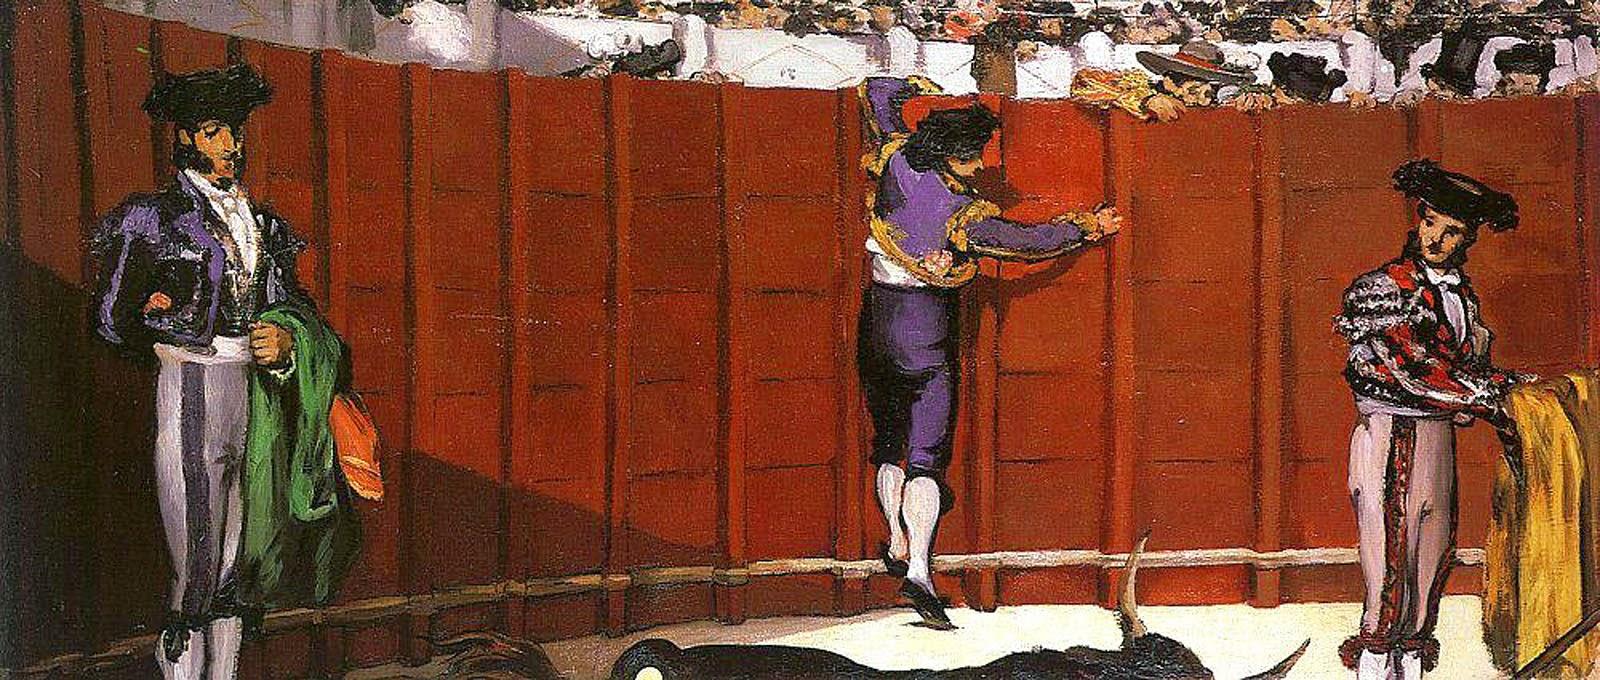 A Tourada - Pinturas impressionistas pintadas por Édouard Manet